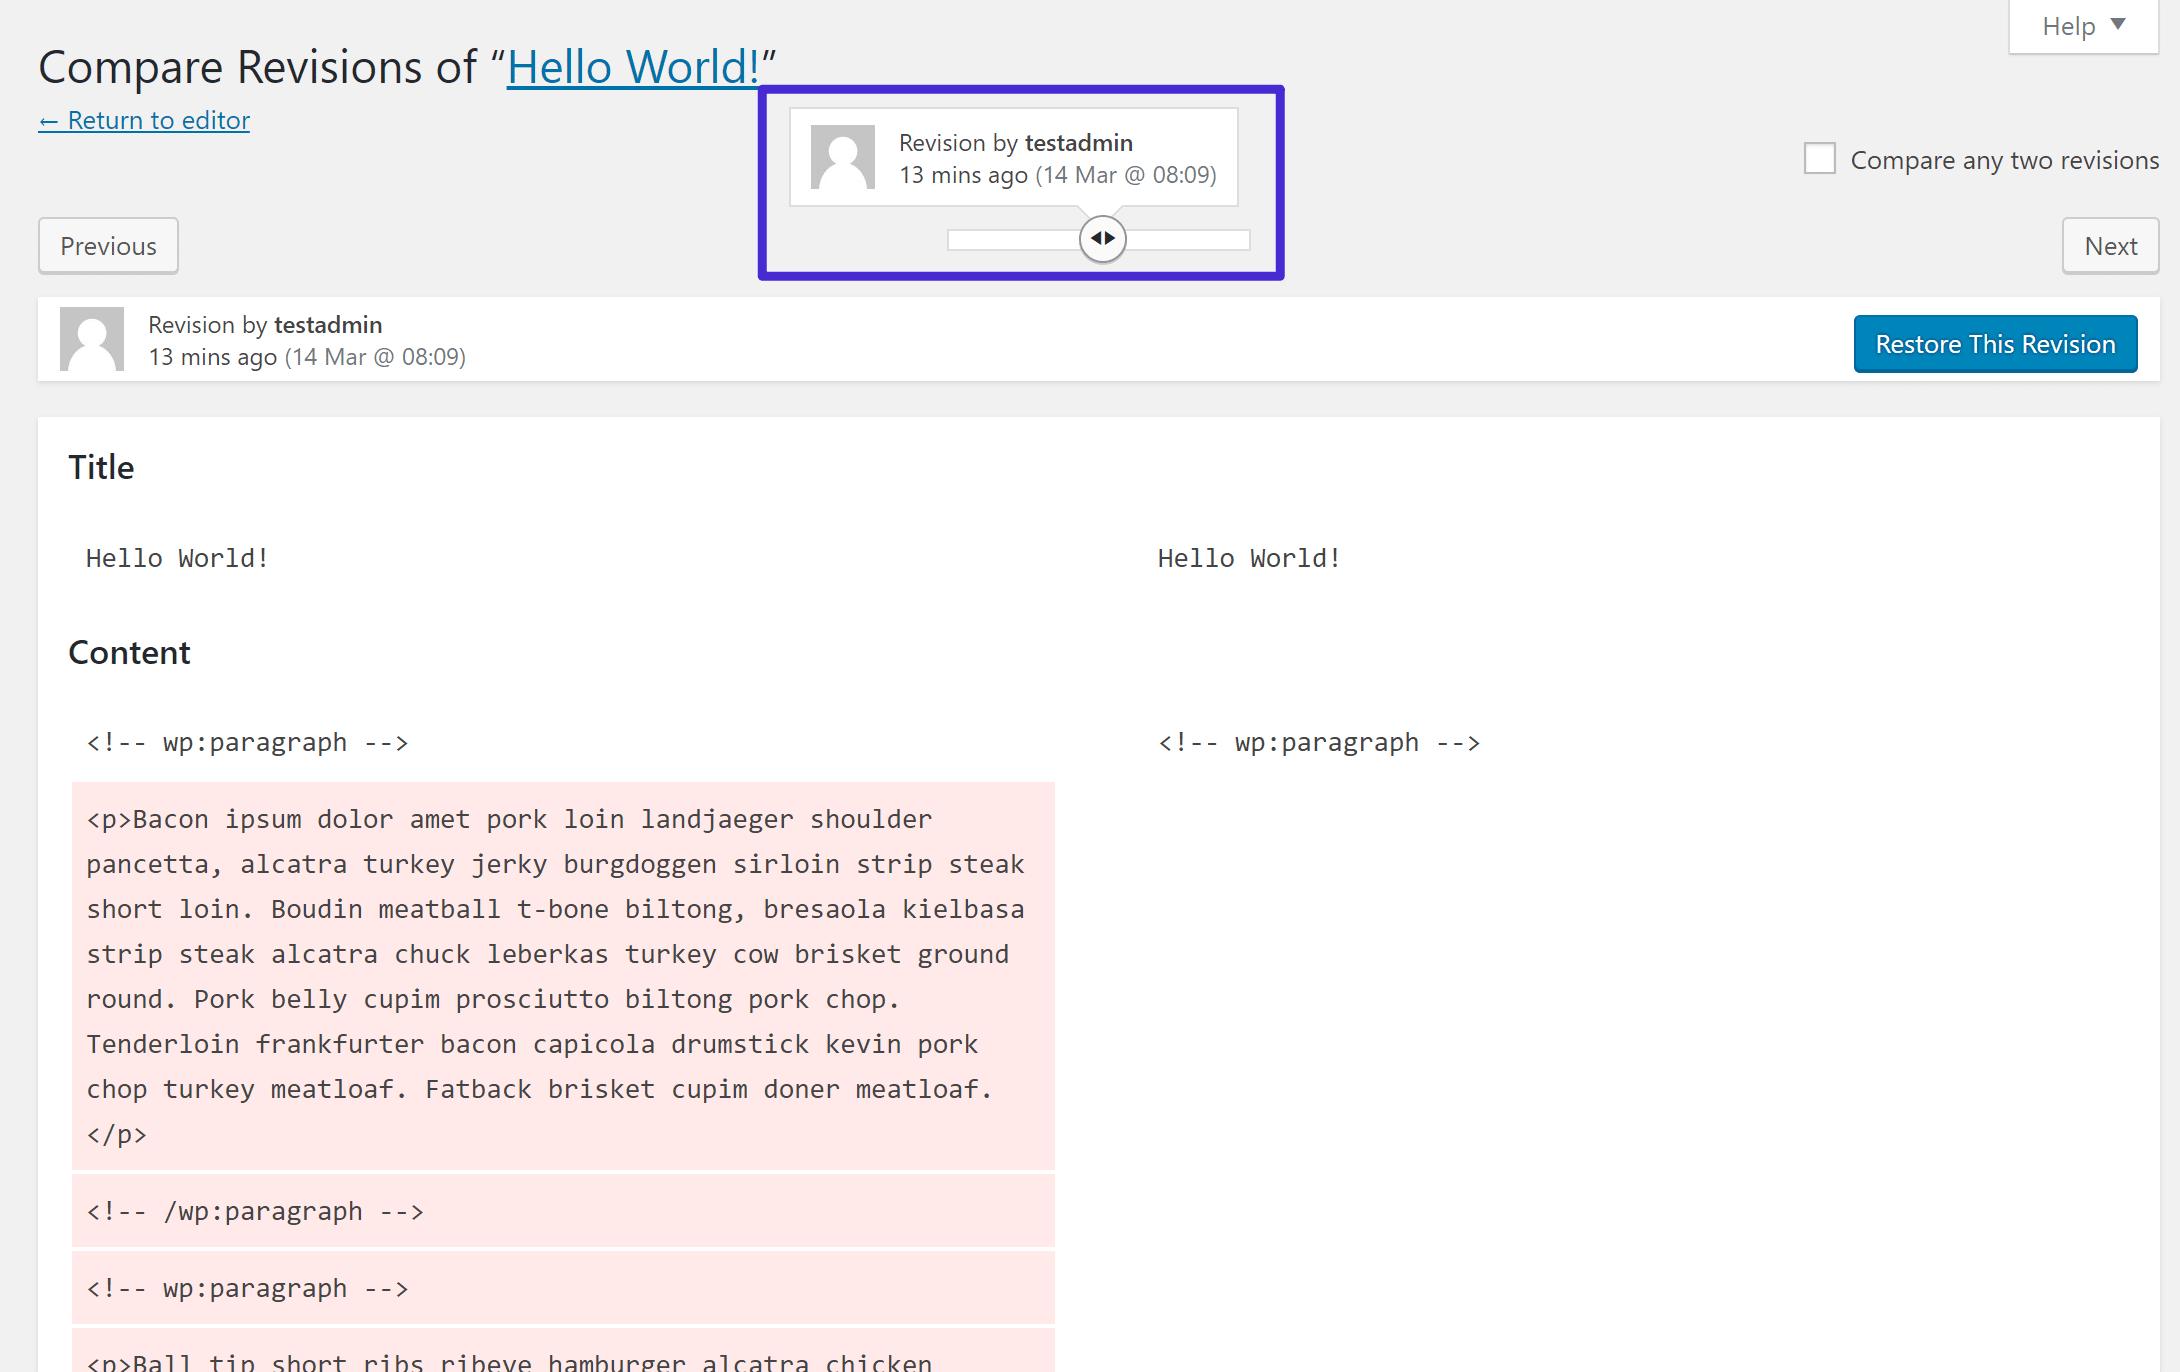 Usare lo slider per cambiare la revisione che state guardando